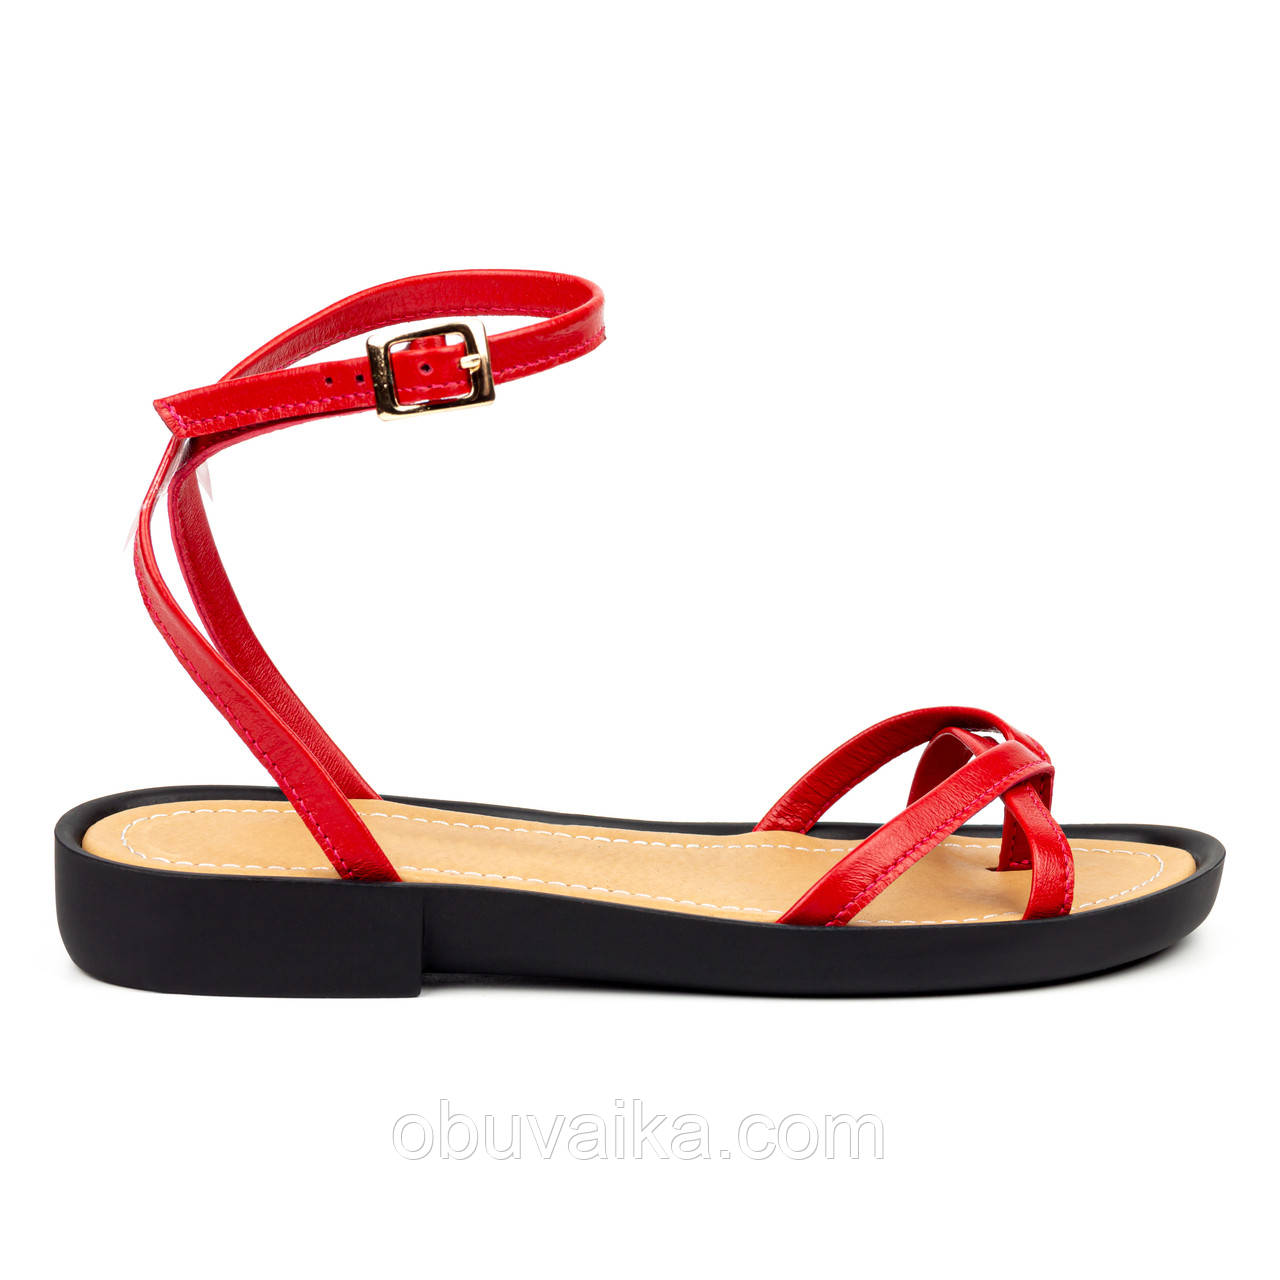 Красные кожаные босоножки вьетнамки Woman's heel сандалии с пряжкой